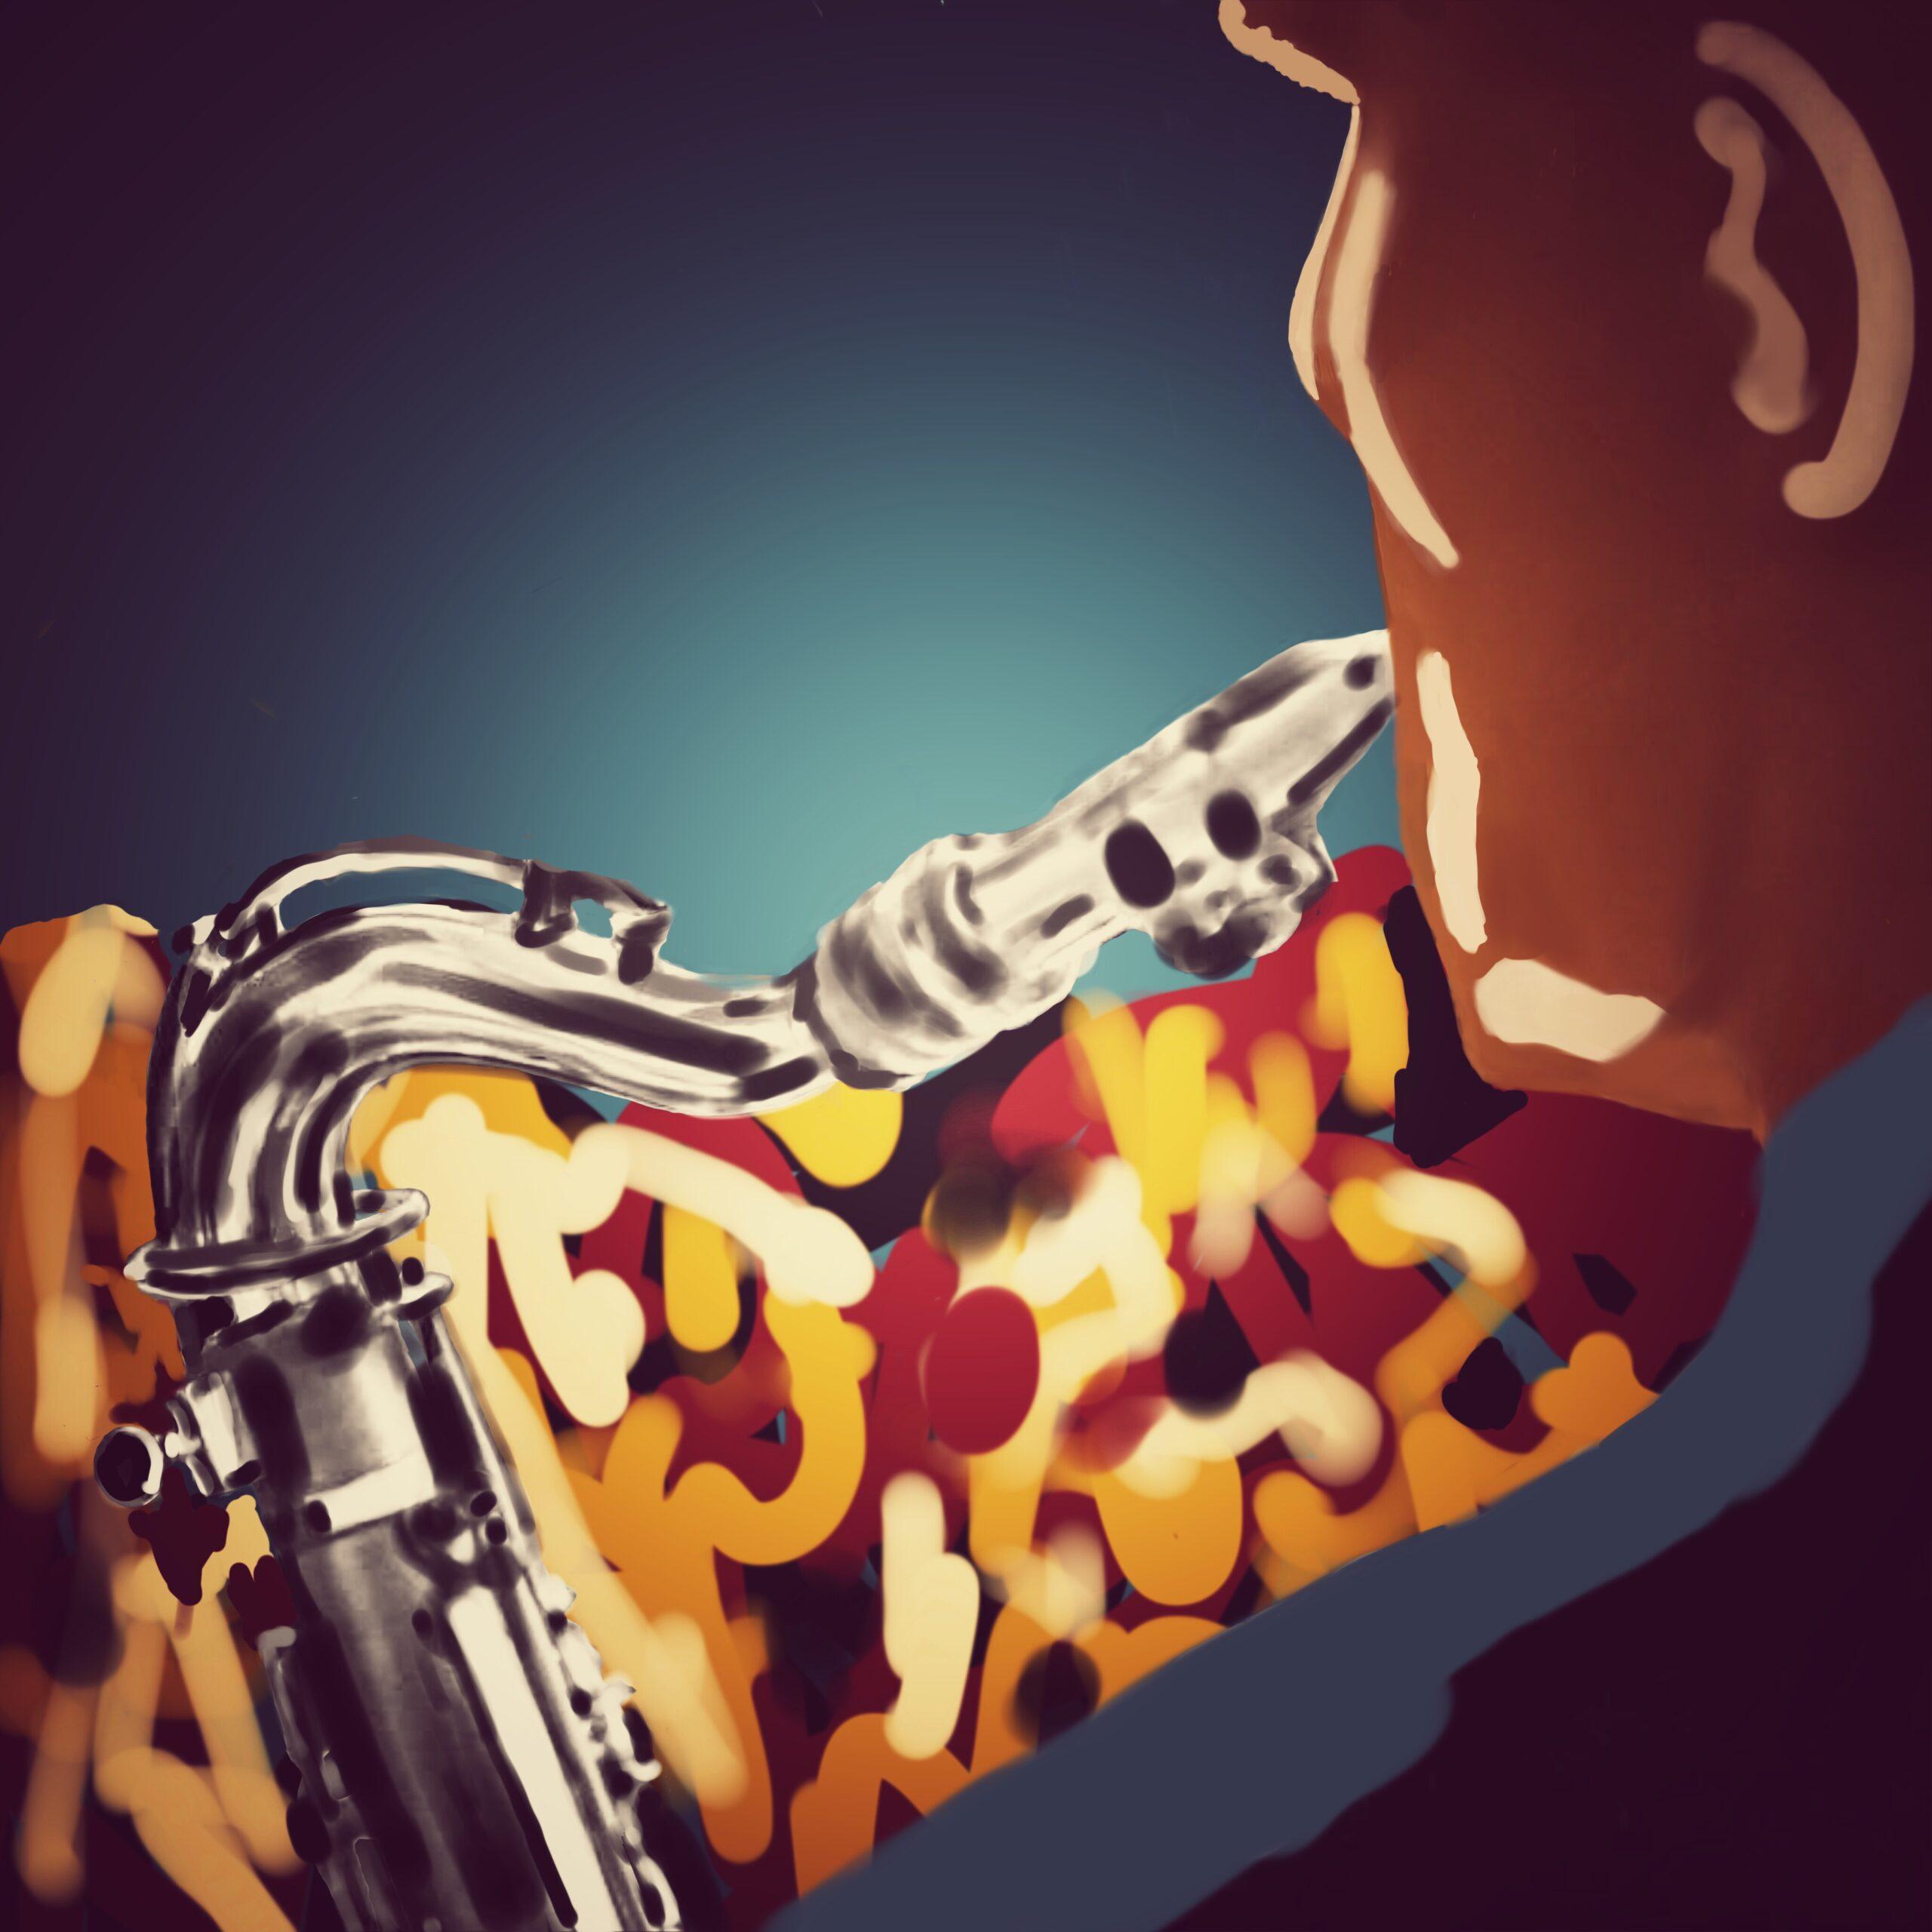 Victor de Boo jazz graphic art